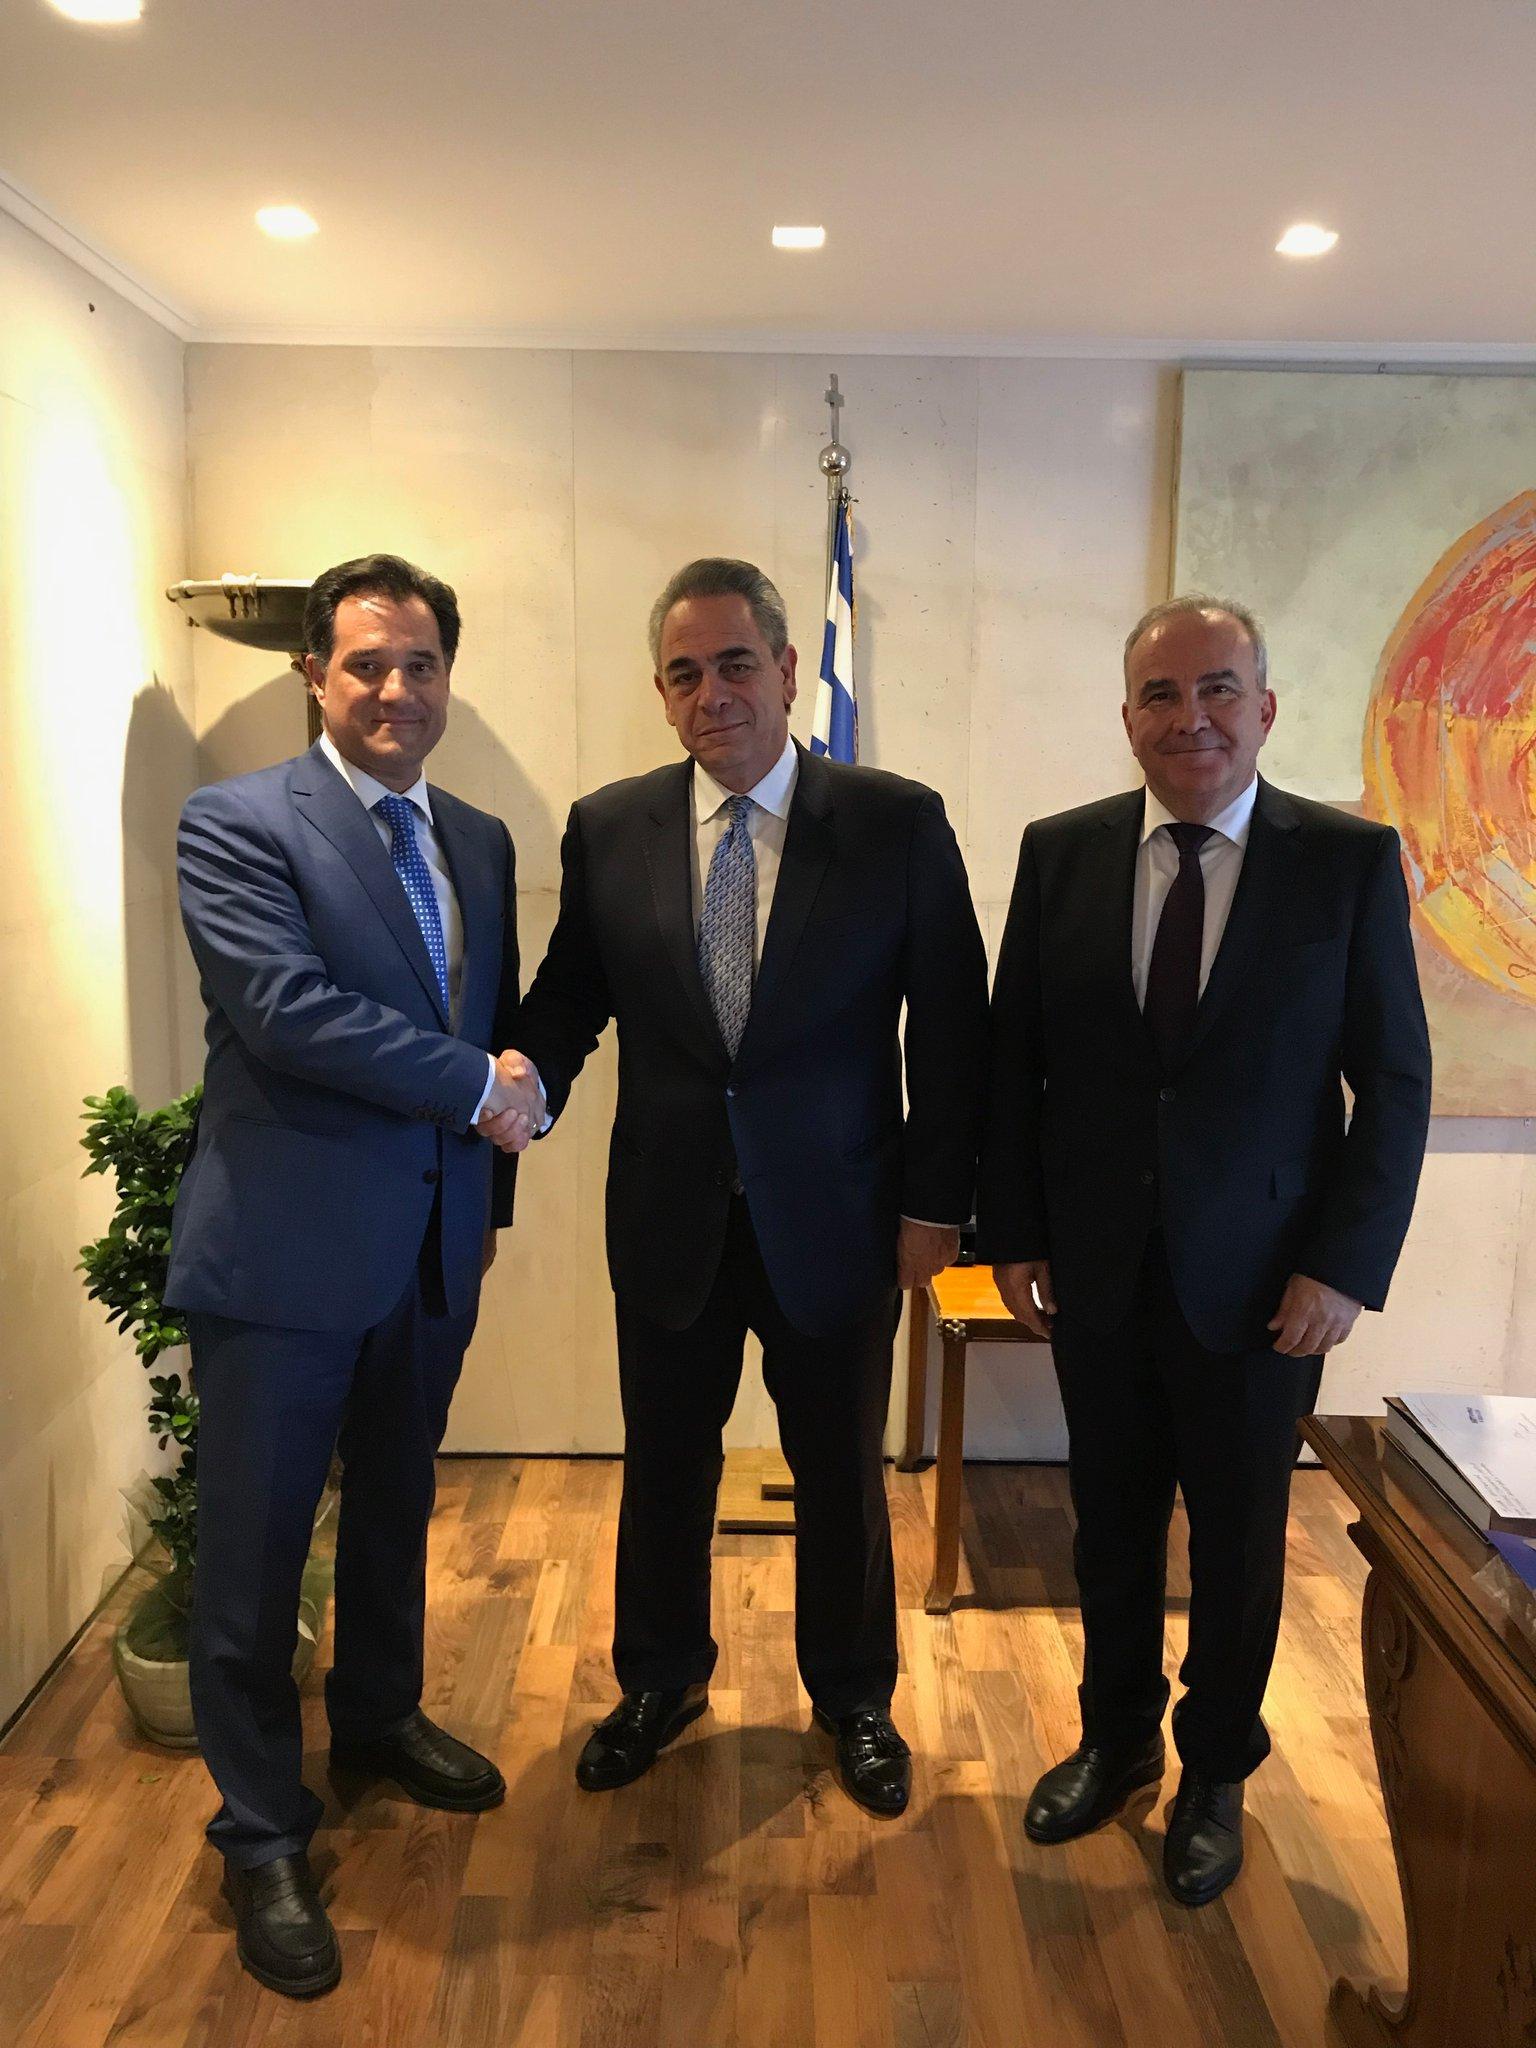 Η ηγεσία του ΥΠΟΙΚΑΝ με τον πρόεδρο του ΚΕΕ και ΕΒΕΑ, Κωνσταντίνο Μίχαλο